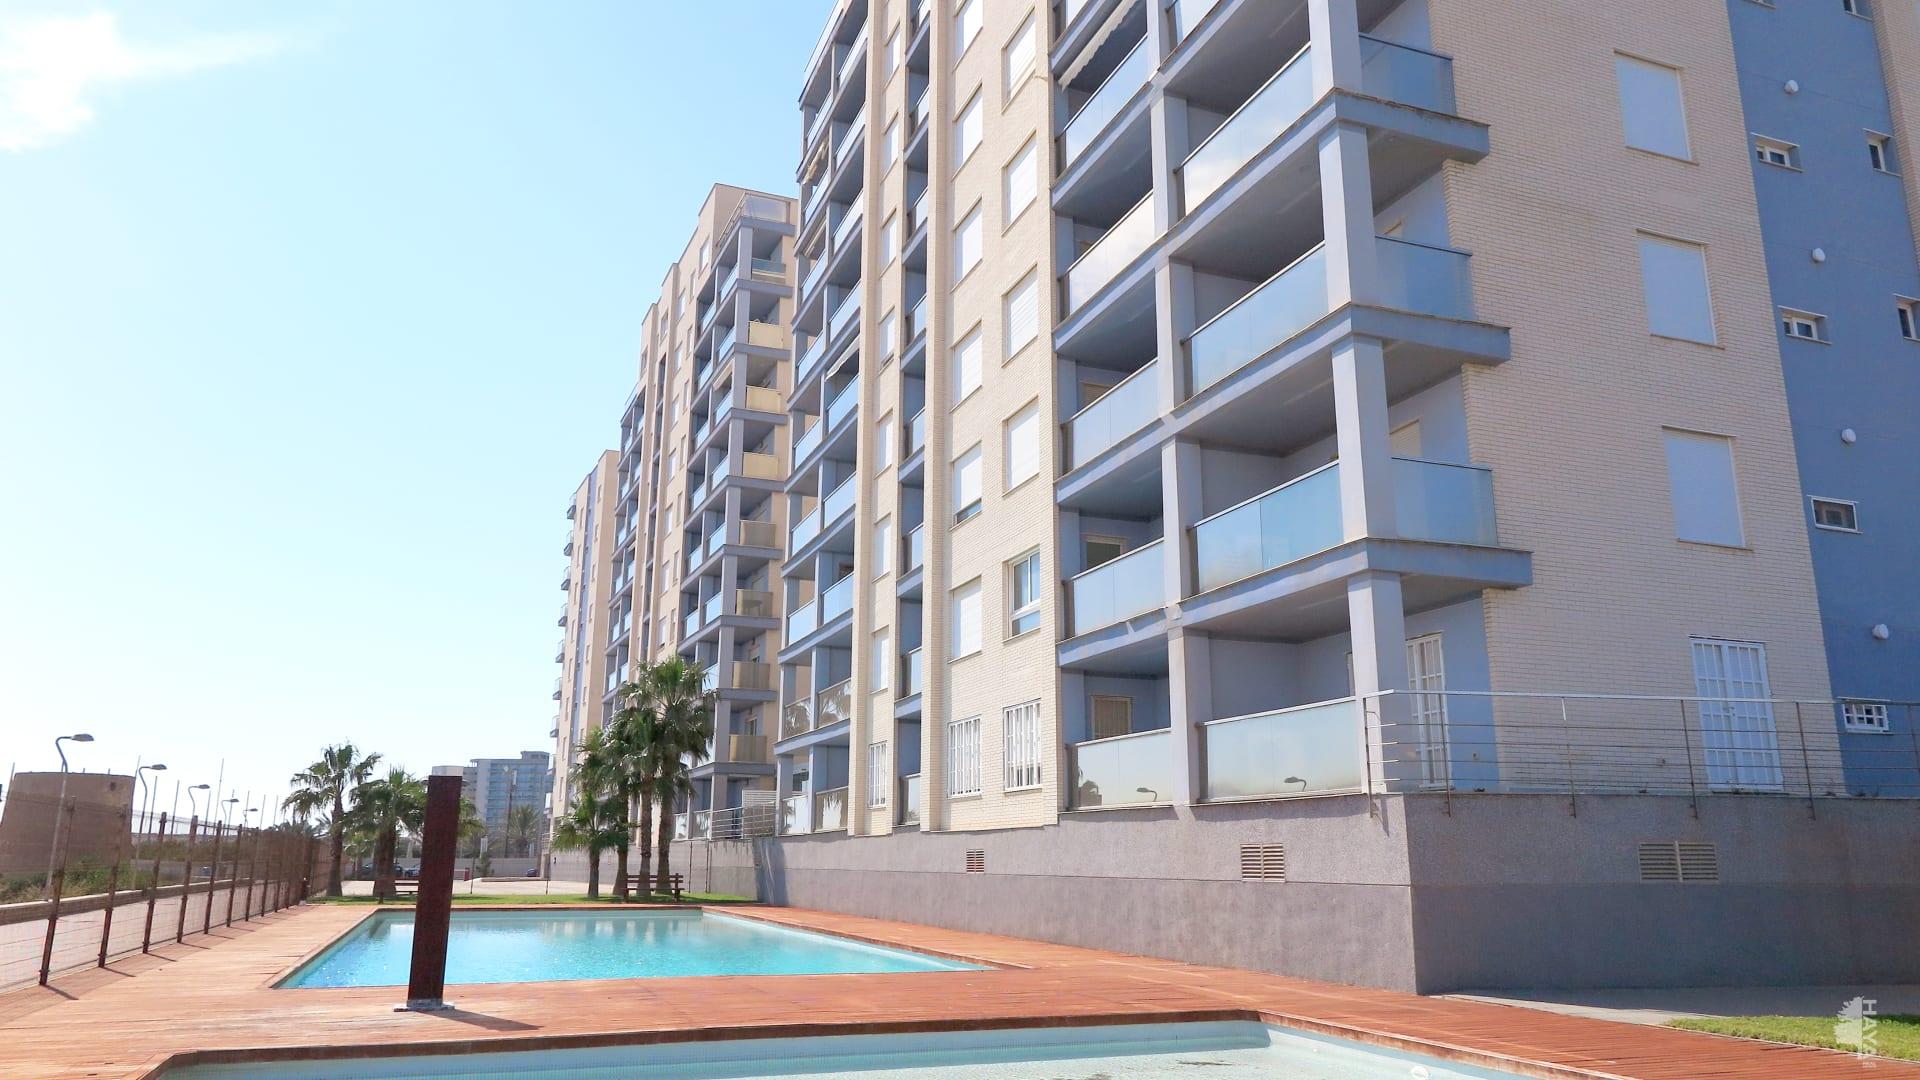 Piso en venta en San Javier, Murcia, Calle Prolongación Pol F. Conj Resid. Veneziola Golf Ii, 90.000 €, 1 habitación, 1 baño, 43 m2